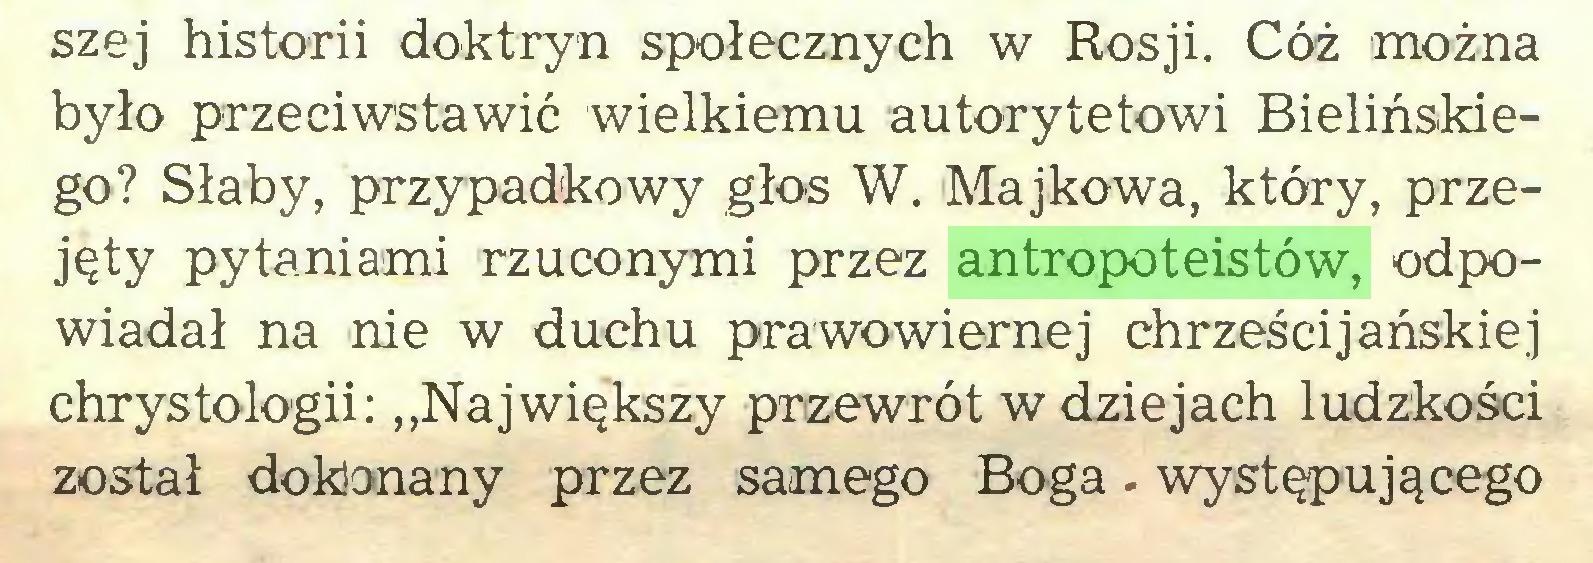 """(...) szej historii doktryn społecznych w Rosji. Cóż można było przeciwstawić wielkiemu autorytetowi Bielińskiego? Słaby, przypadkowy głos W. Majkowa, który, przejęty pytaniami rzuconymi przez antropoteistów, odpowiadał na nie w duchu prawowiernej chrześcijańskiej chrystologii: """"Największy przewrót w dziejach ludzkości został dokonany przez samego Boga - występującego..."""